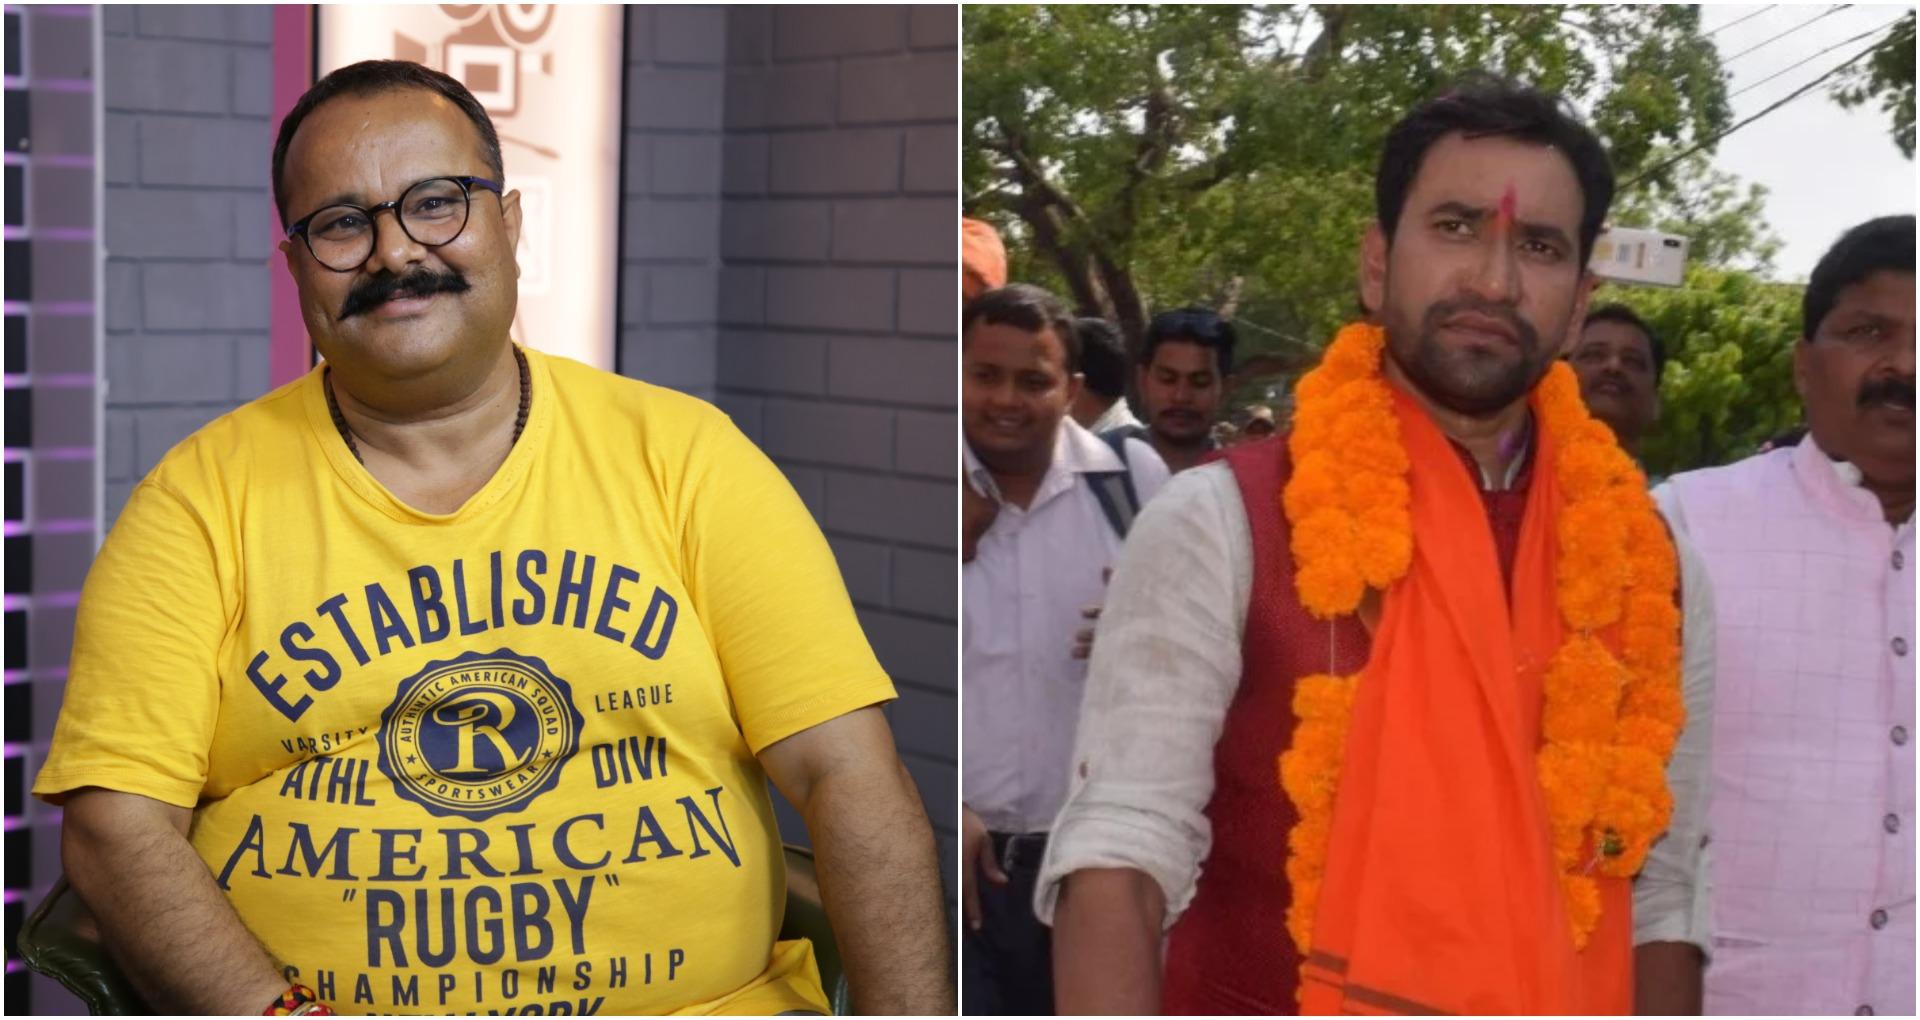 Exclusive: कॉमेडियन मनोज टाइगर ने बताया किन वजहों से चुनाव हारे निरहुआ, कैसा था आजमगढ़ का जमीनी हाल